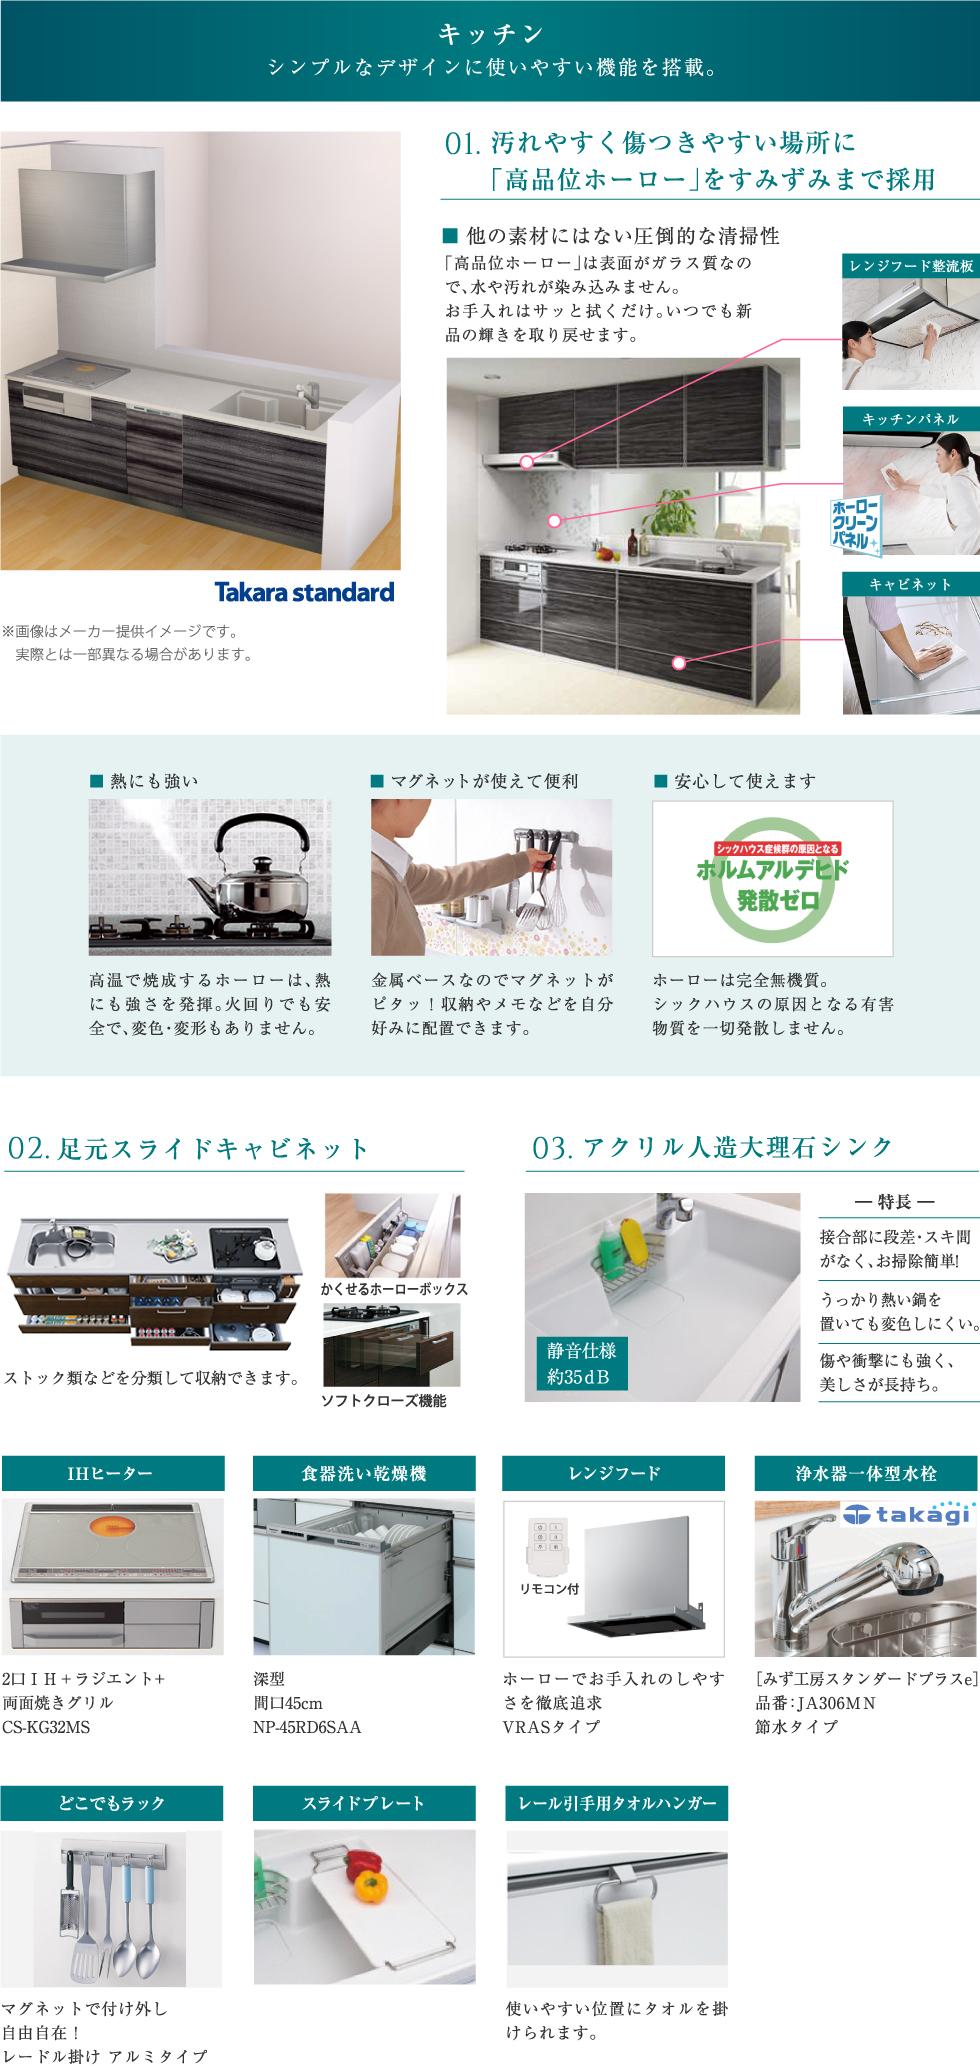 オール電化   Takara standardのキッチン